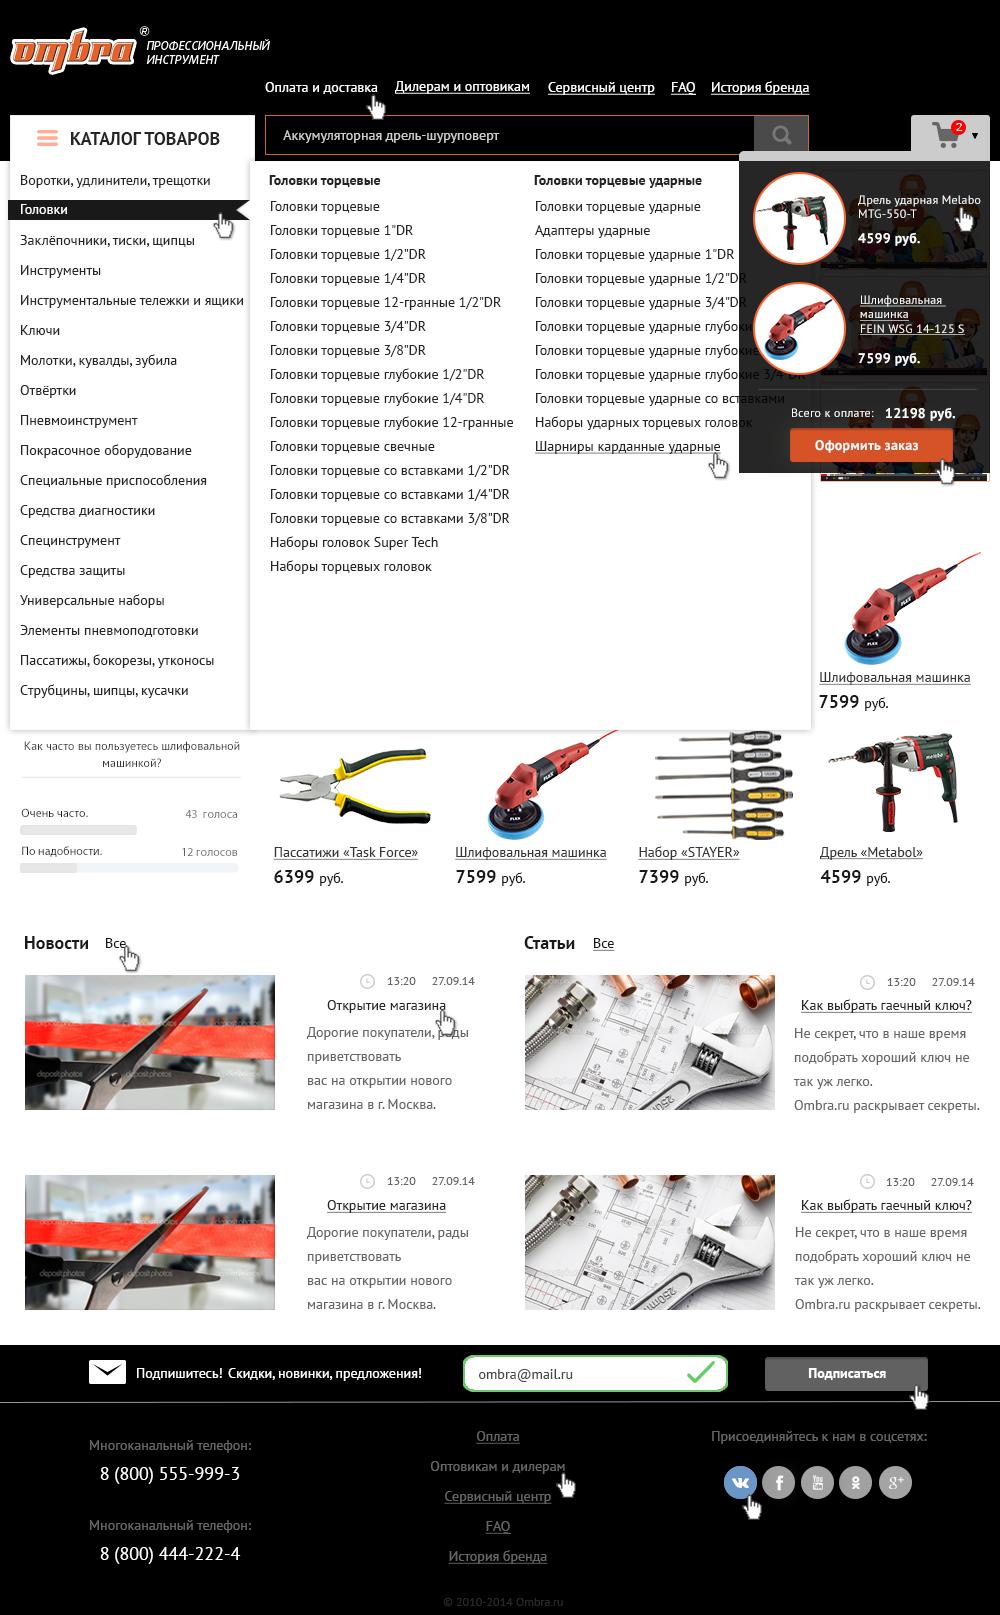 Дизайн главной интернет-магазина инструментов